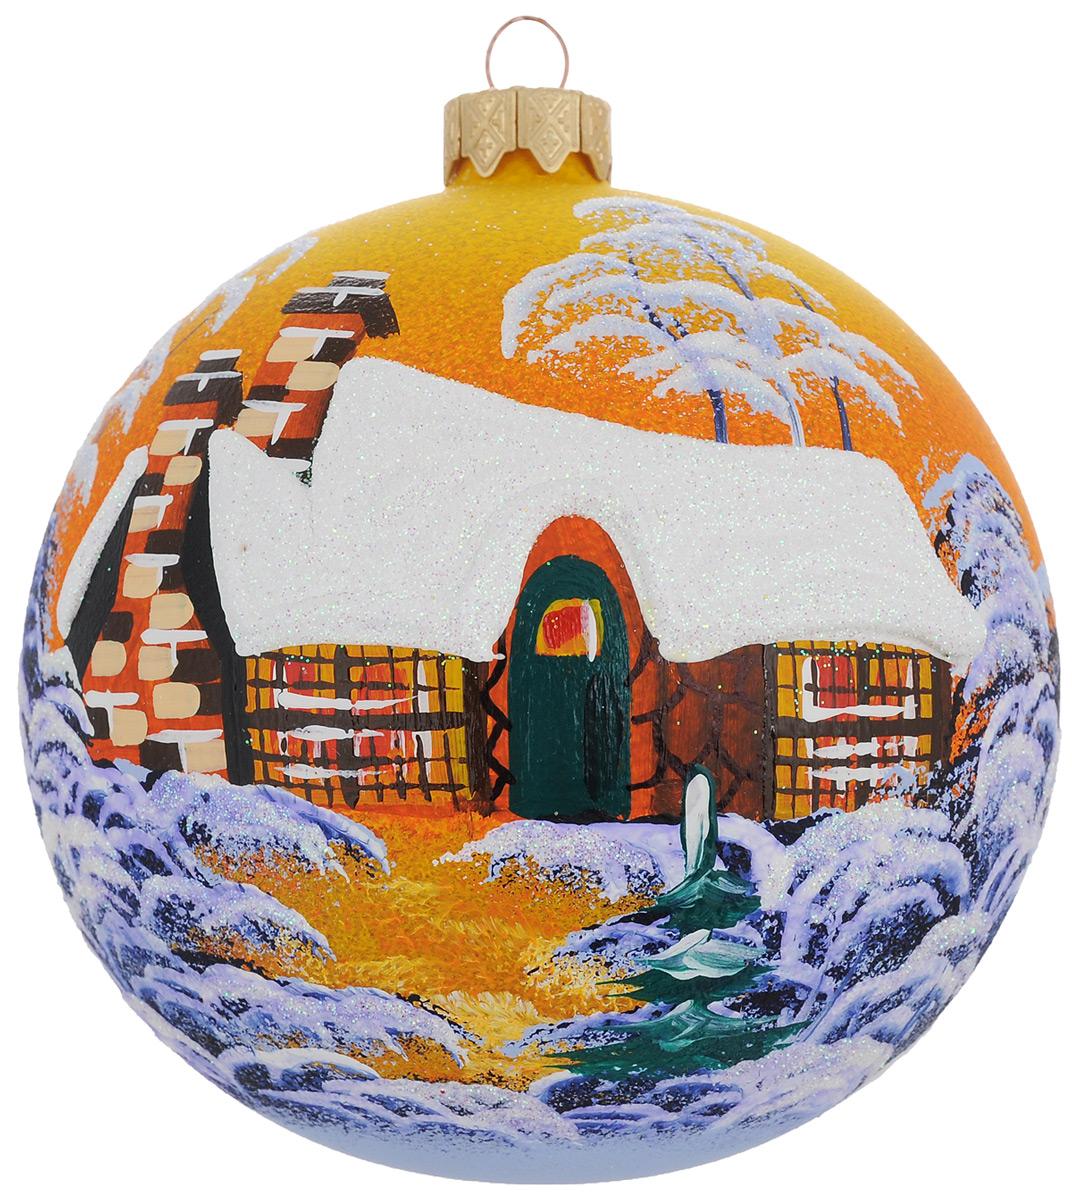 """Новогоднее украшение """"Паланга янтарный закат"""" отлично подойдет для украшения вашего дома и новогодней ели. Игрушка выполнена из тонкого стекла в виде шара и декорирована изображением заснеженного домика в свете заходящего солнца. Украшение оснащено специальной металлической петелькой, в которую можно продеть нитку или ленту для подвешивания. Елочная игрушка - символ Нового года. Она несет в себе волшебство и красоту праздника. Создайте в своем доме атмосферу веселья и радости, украшая всей семьей новогоднюю елку нарядными игрушками, которые будут из года в год накапливать теплоту воспоминаний."""